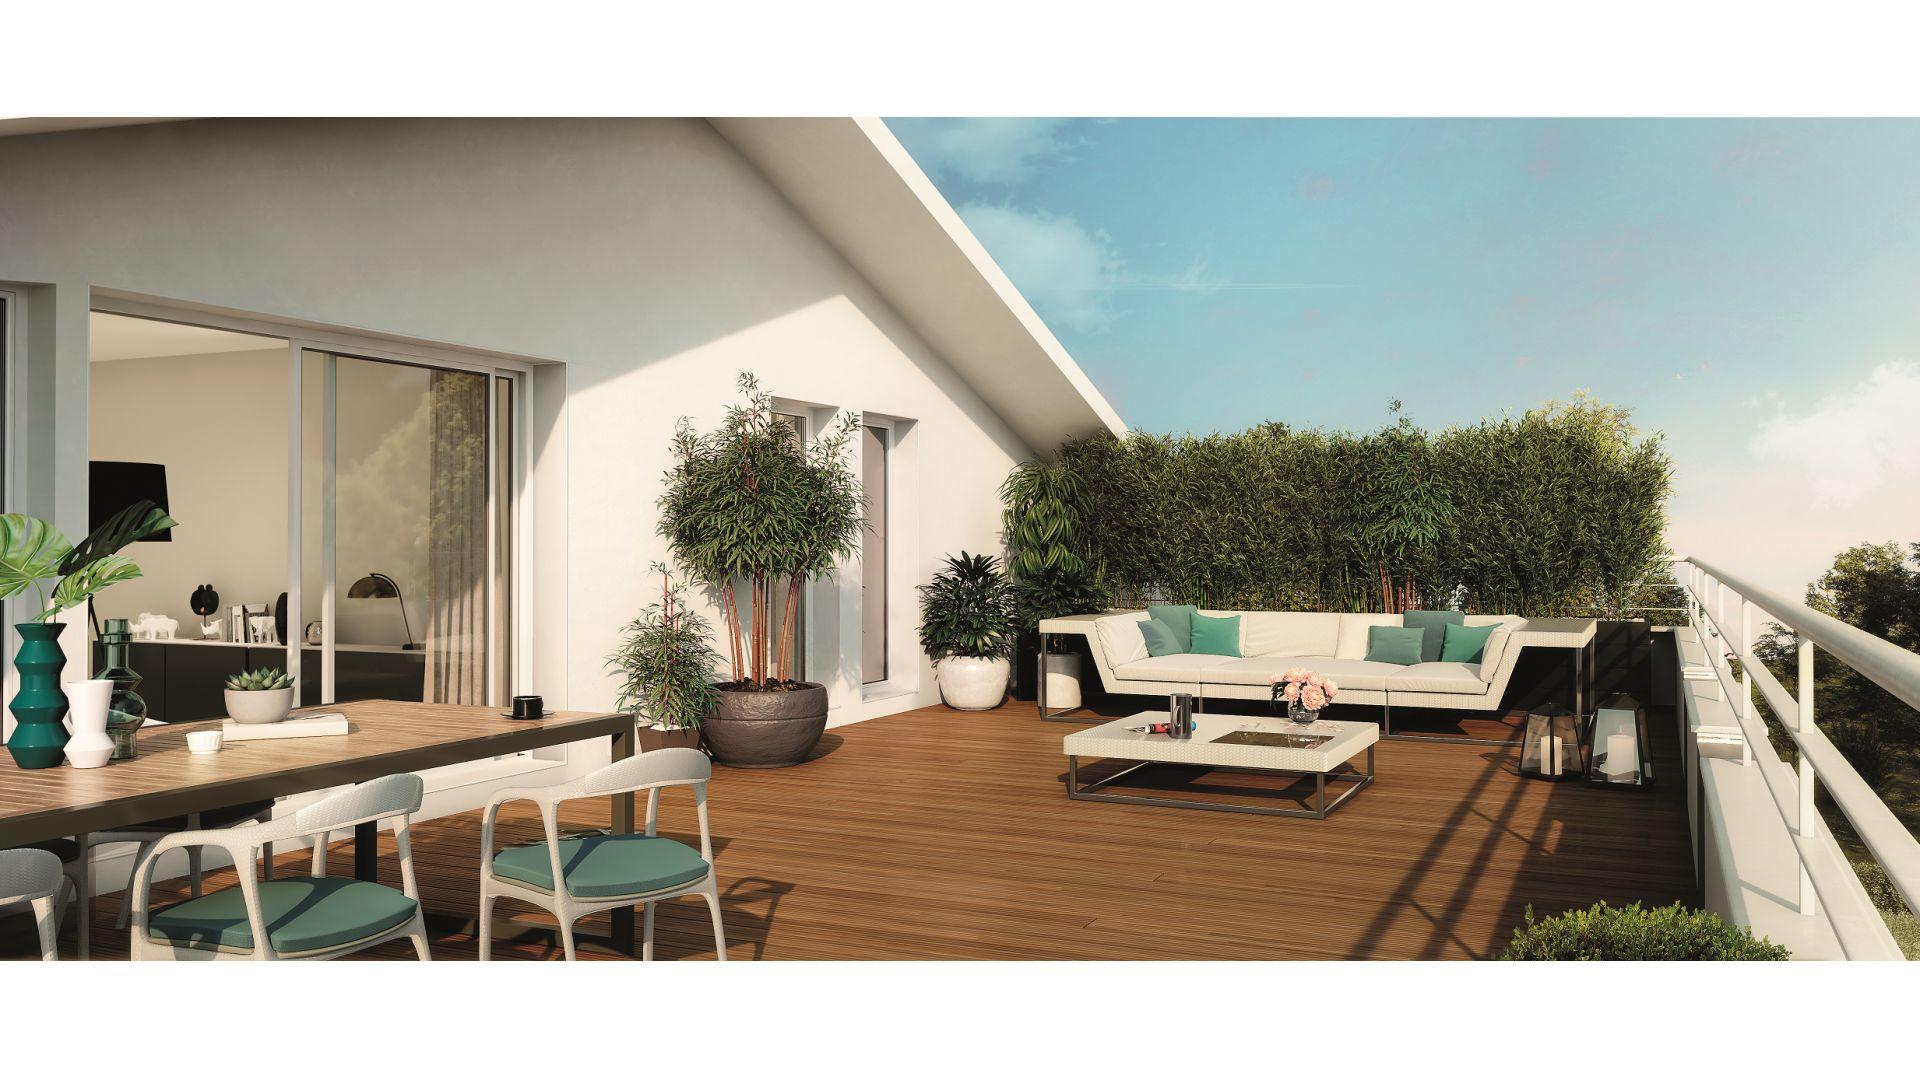 Greencity Immobilier - Toulouse Lardenne - 31100 - Les Cèdres Bleus - achat appartements du T2 au T4 - vue terrasse